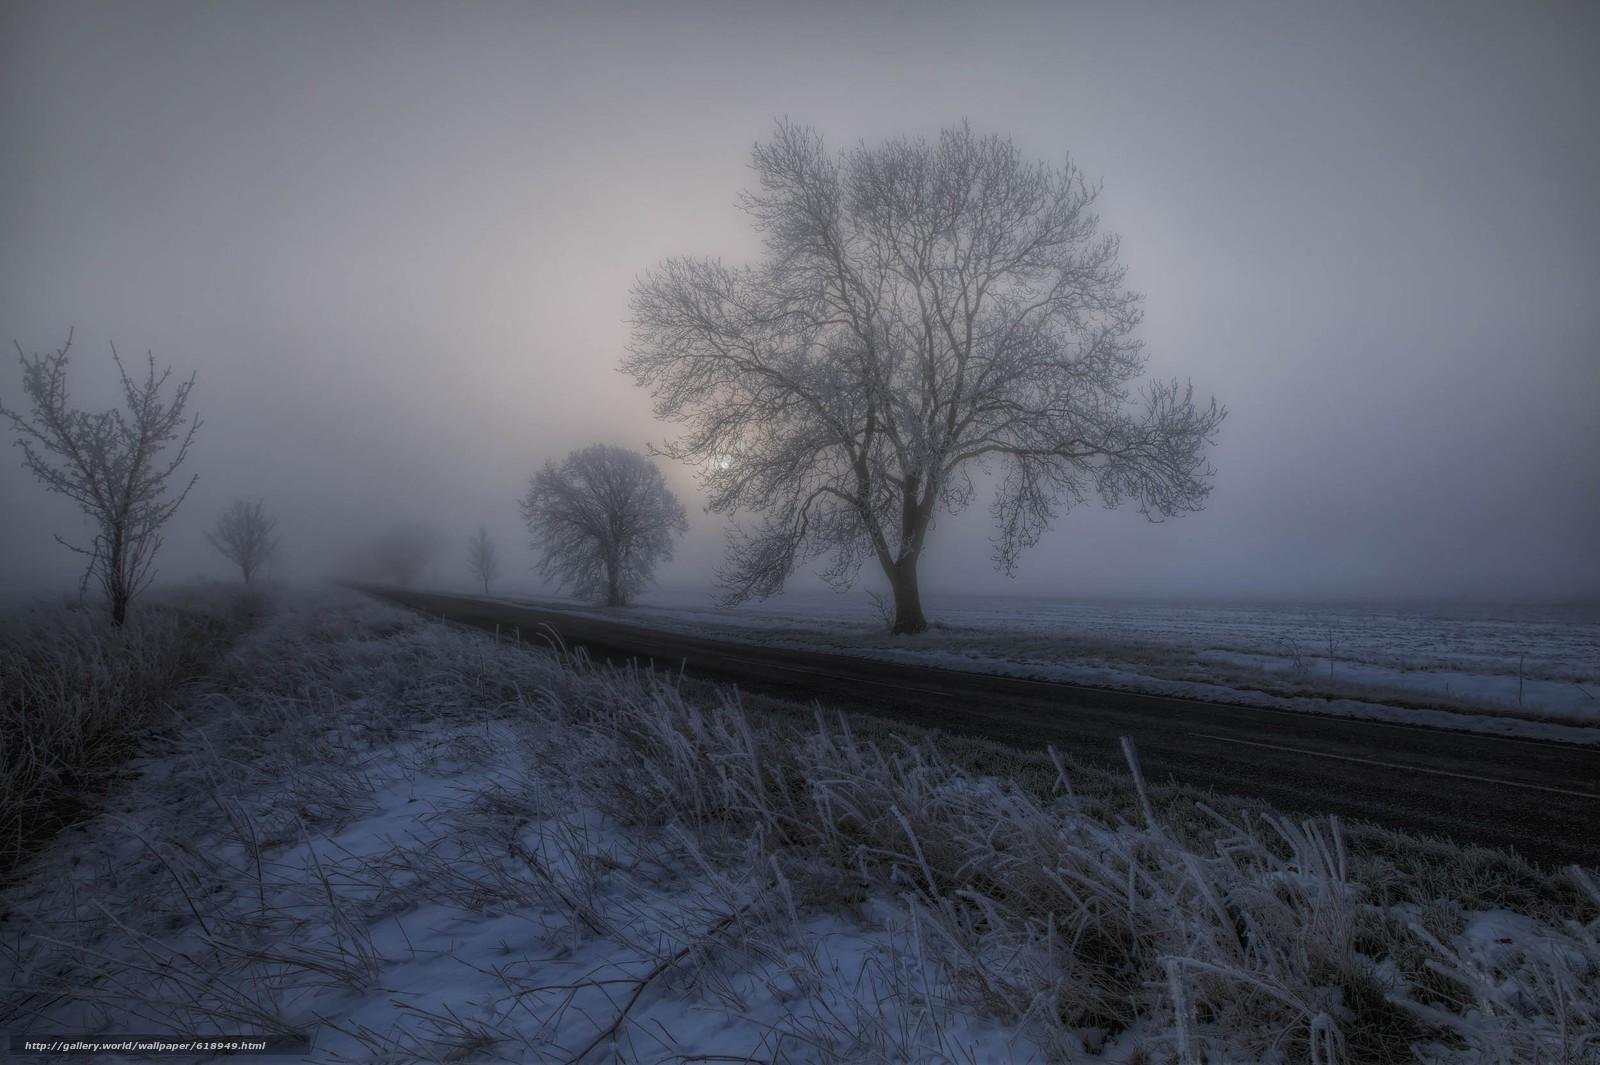 Скачать обои закат,  дорога,  деревья,  туман бесплатно для рабочего стола в разрешении 2500x1664 — картинка №618949